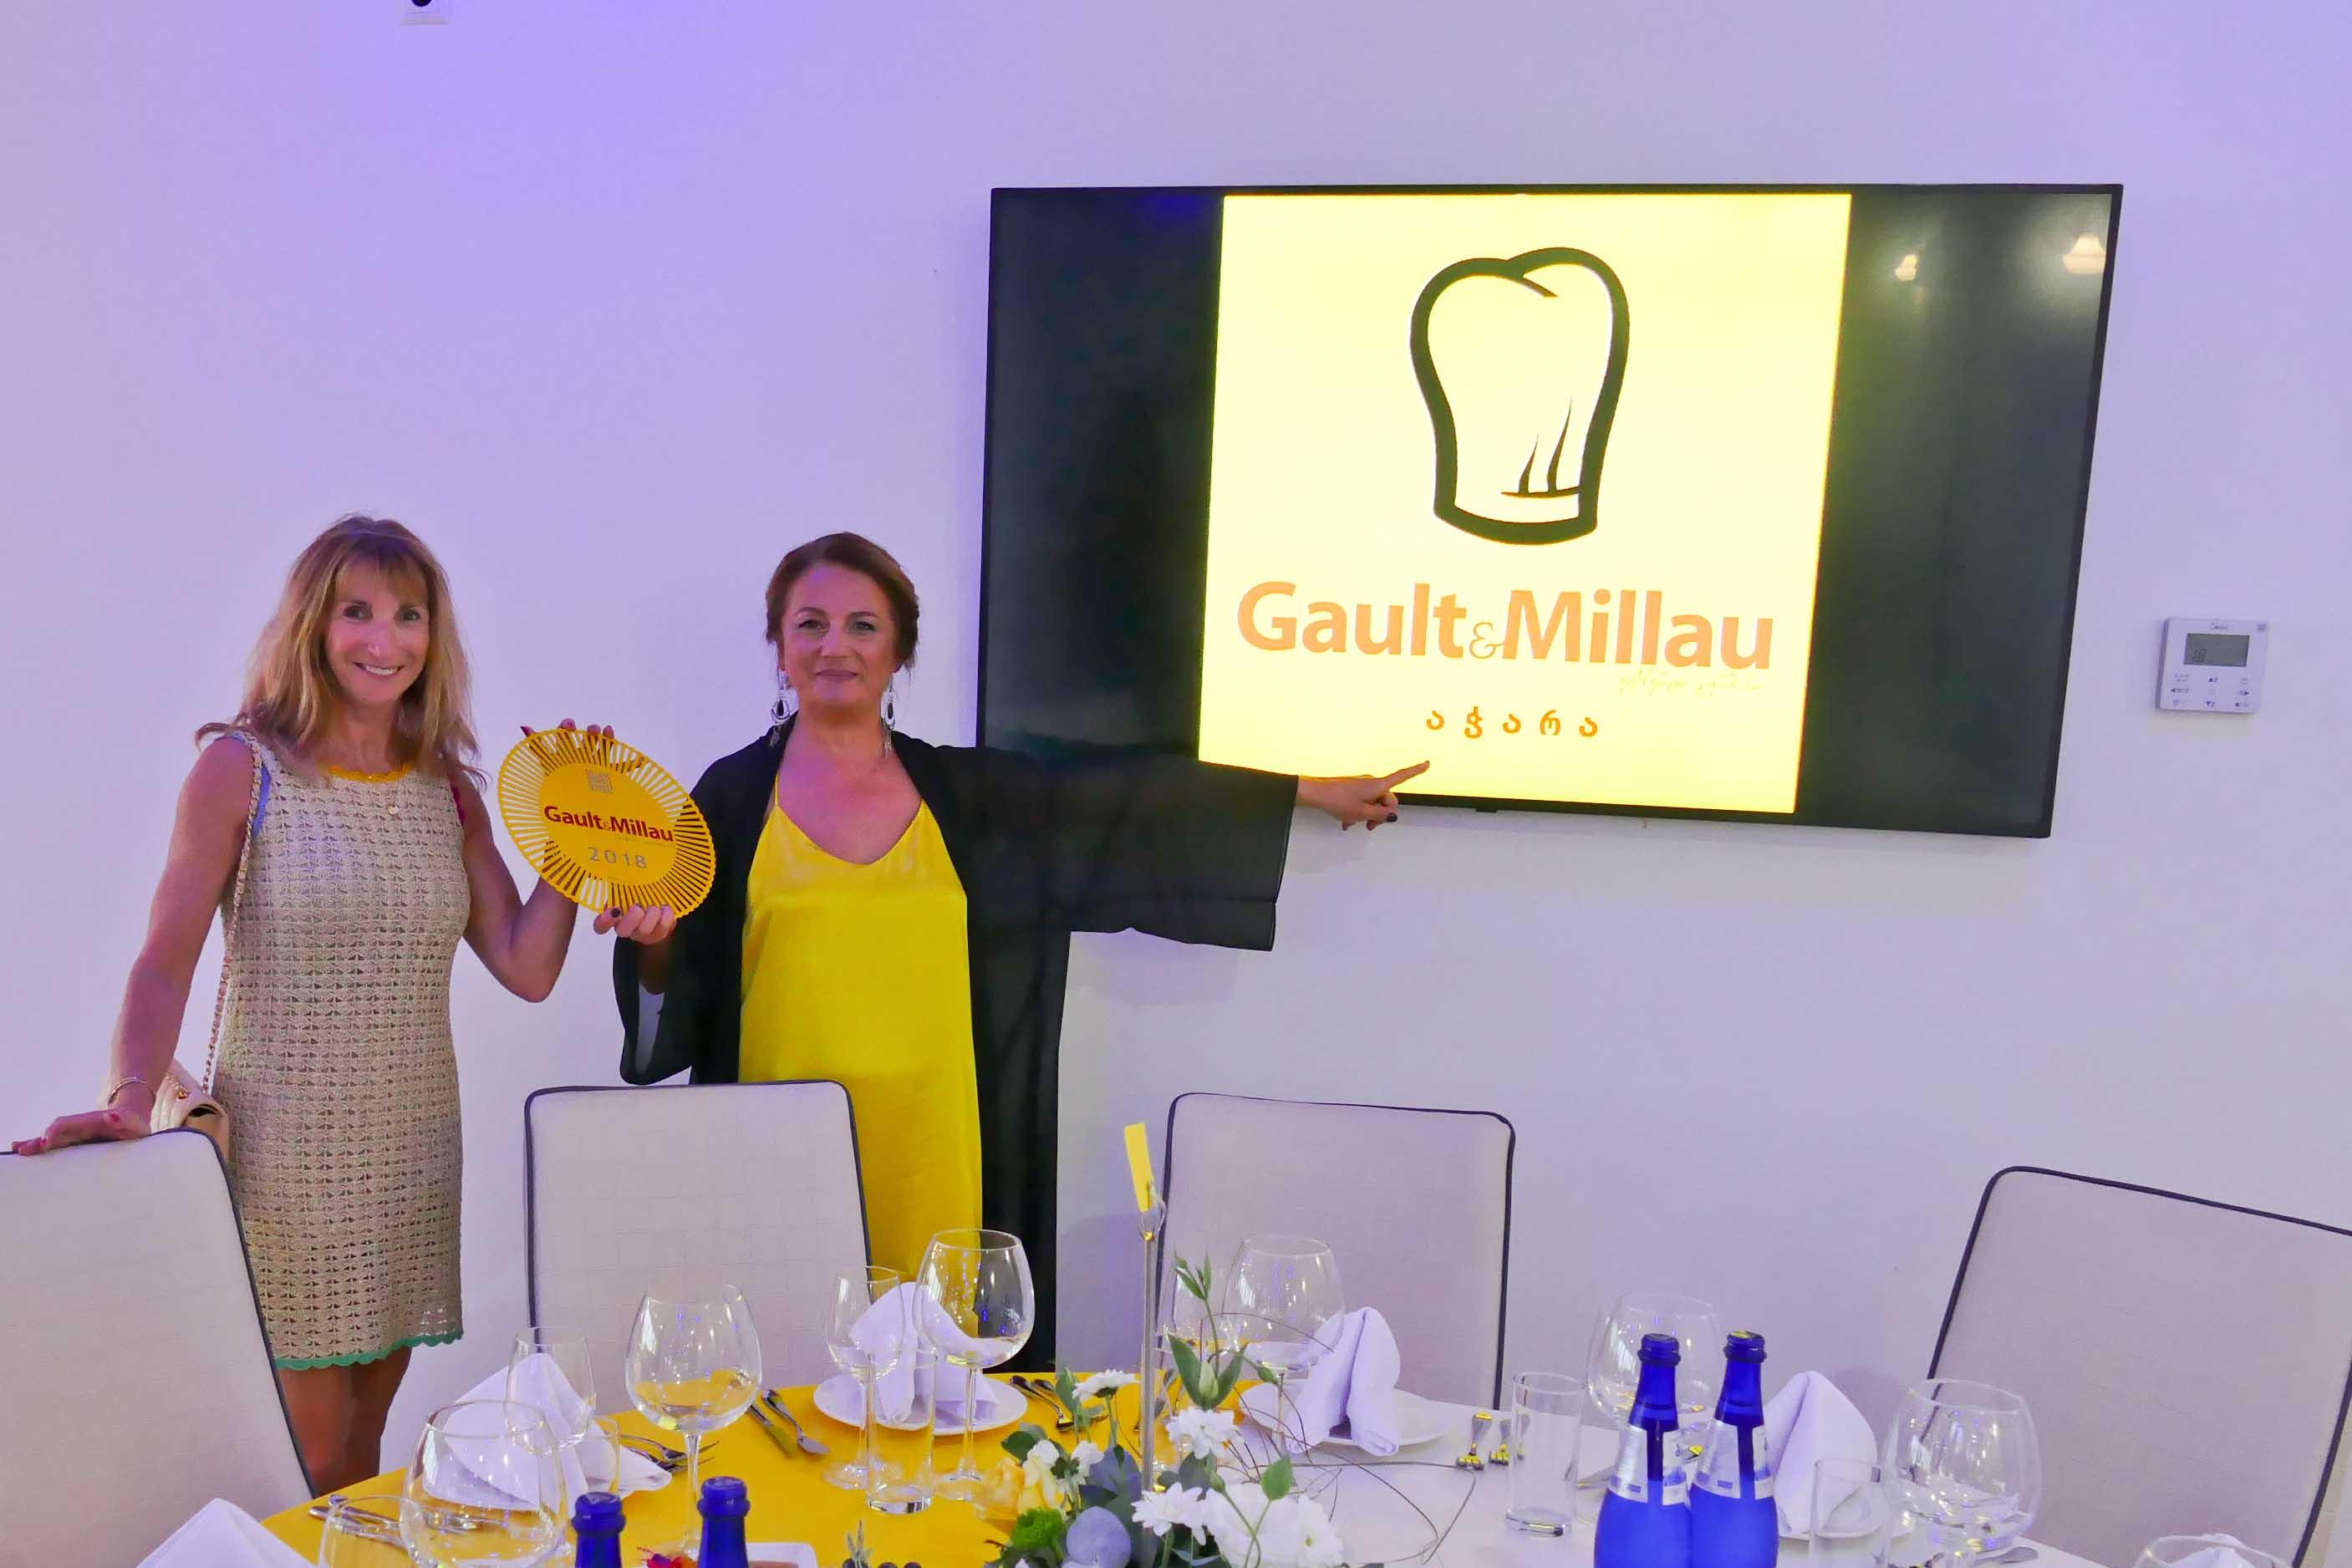 Nouvel événement Gault & Millau en Géorgie... destination Batoumi